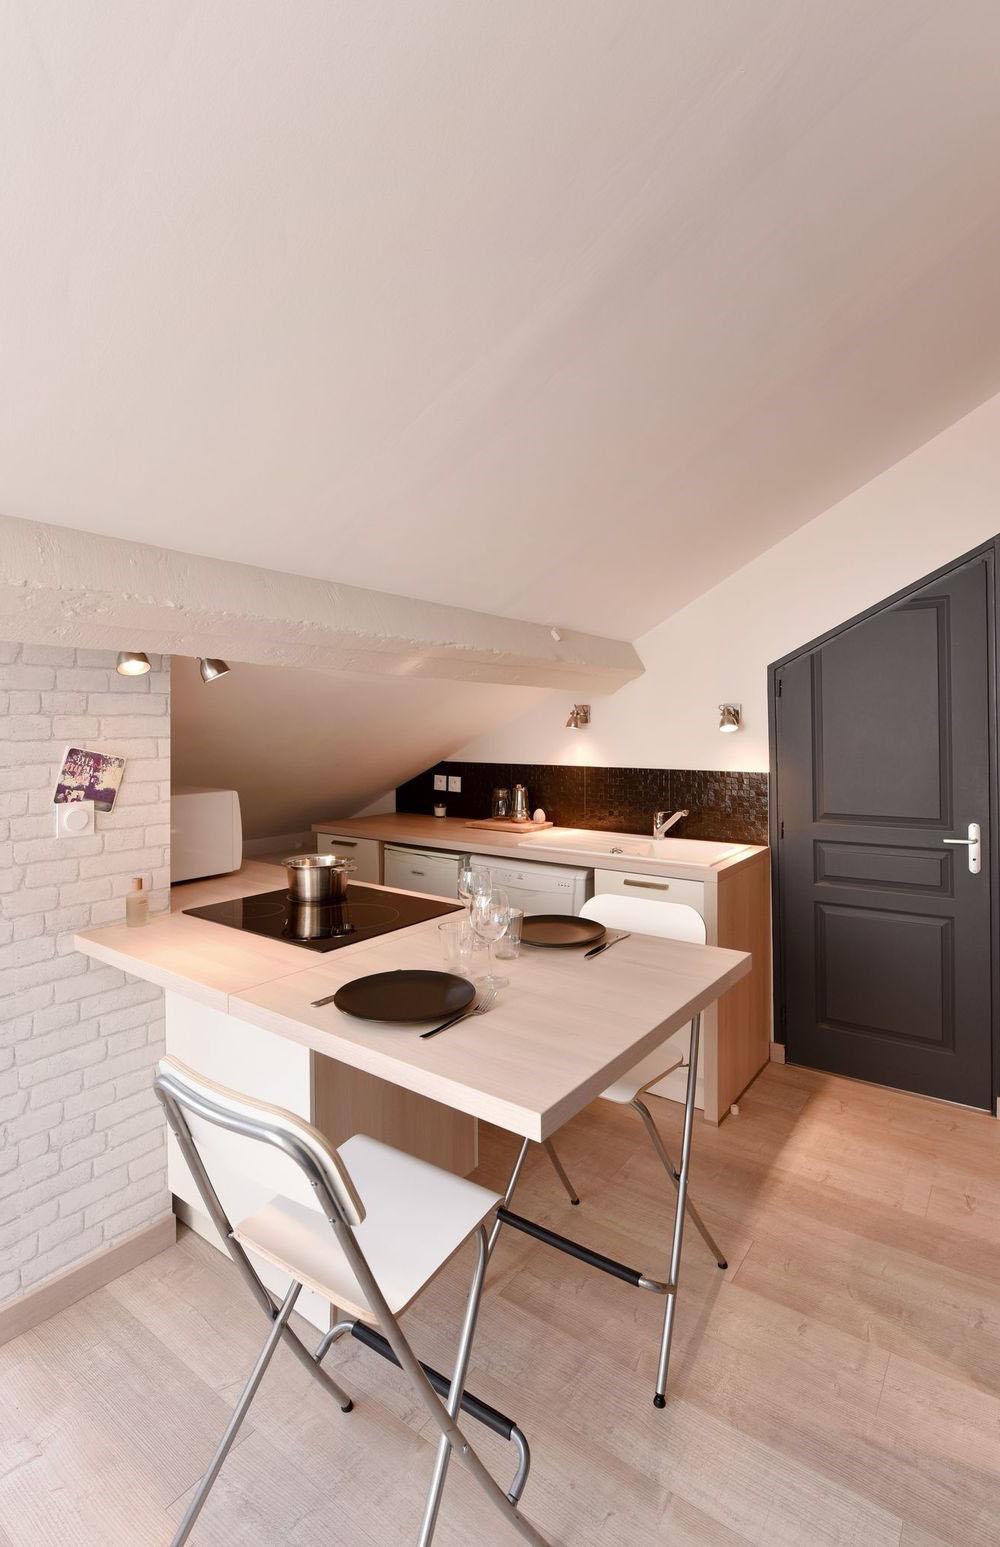 Amenager Petite Cuisine Avec Bar petite cuisine moderne : photos, idées et conseils pour